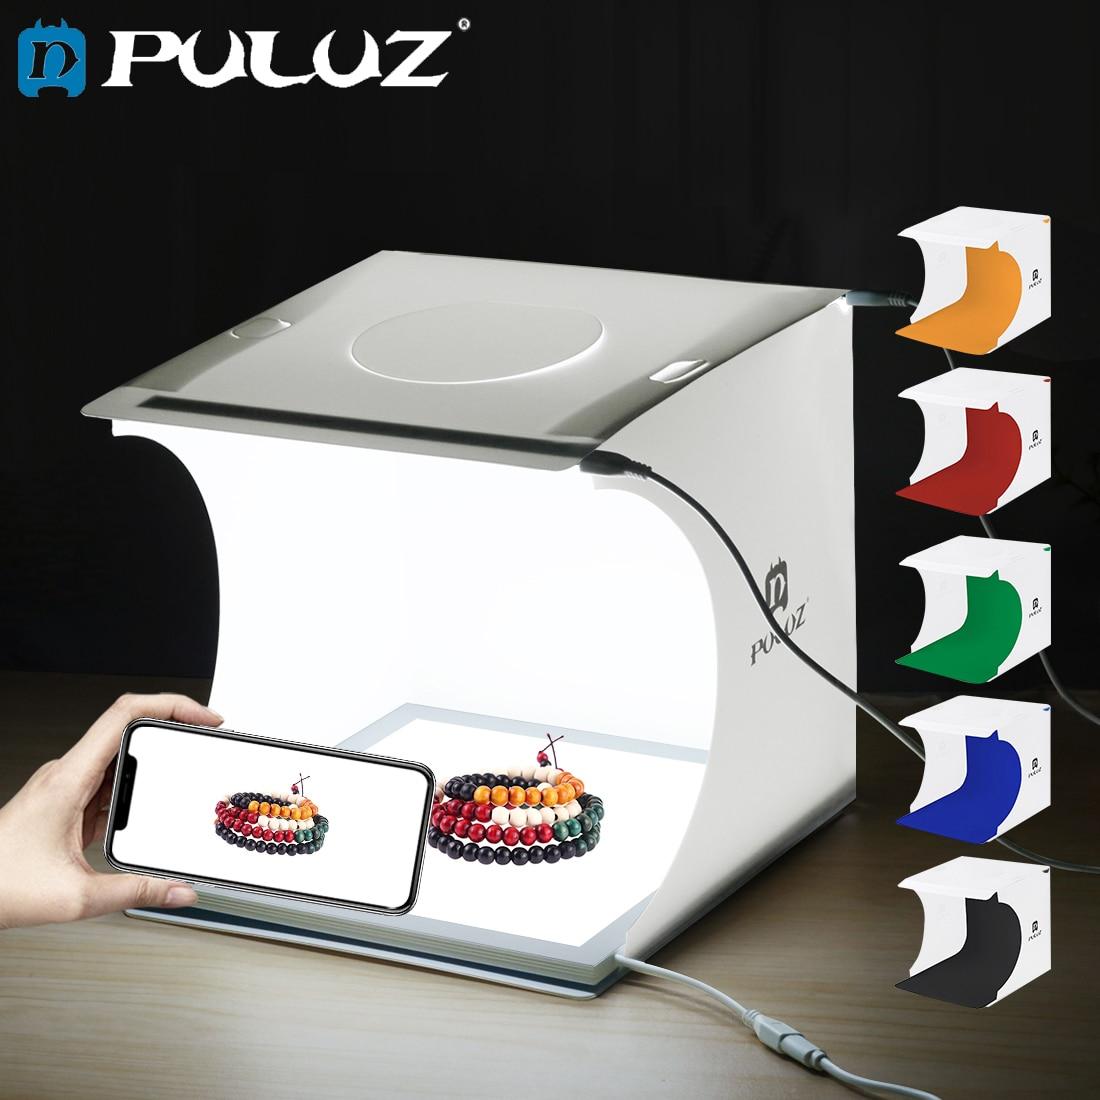 PULUZ 20cm Mini boîte à photos Studio lampe sans ombre panneau de lampe Pad + Studio de tir tente blanc boîte à lumière boîte de tente Kit